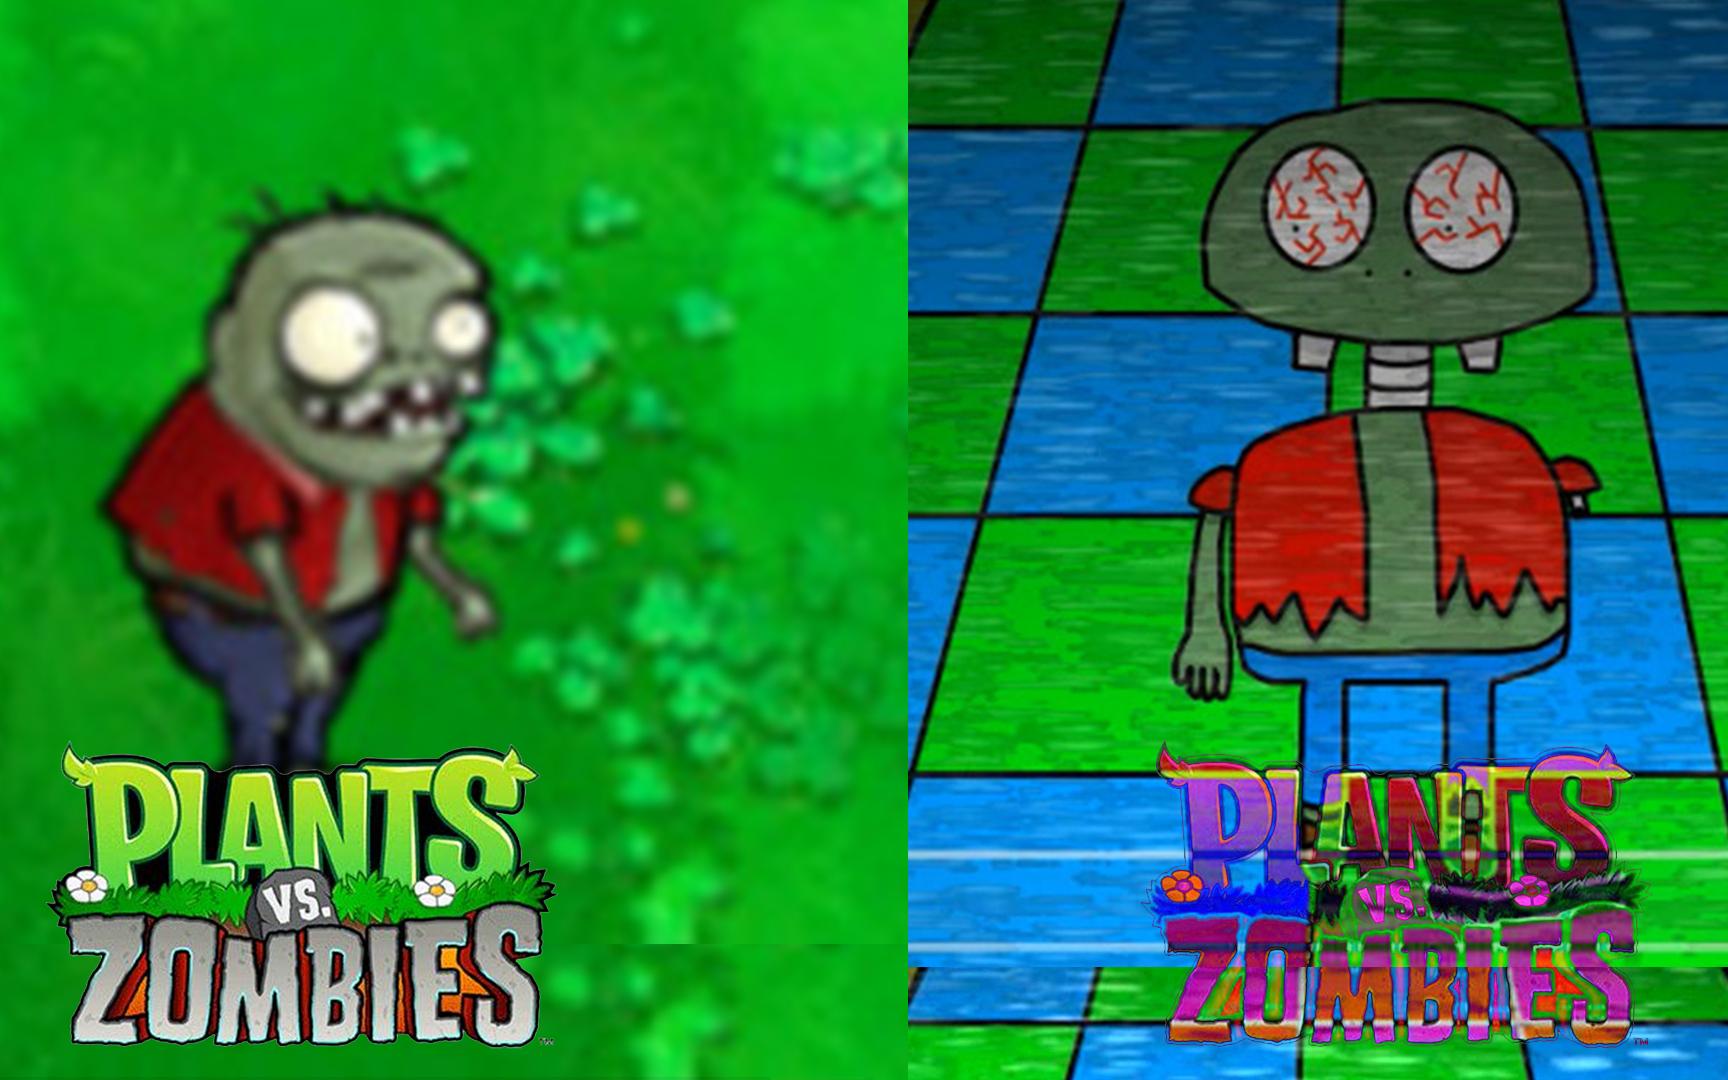 植物大战僵尸也变成了恐怖游戏?【第二期】